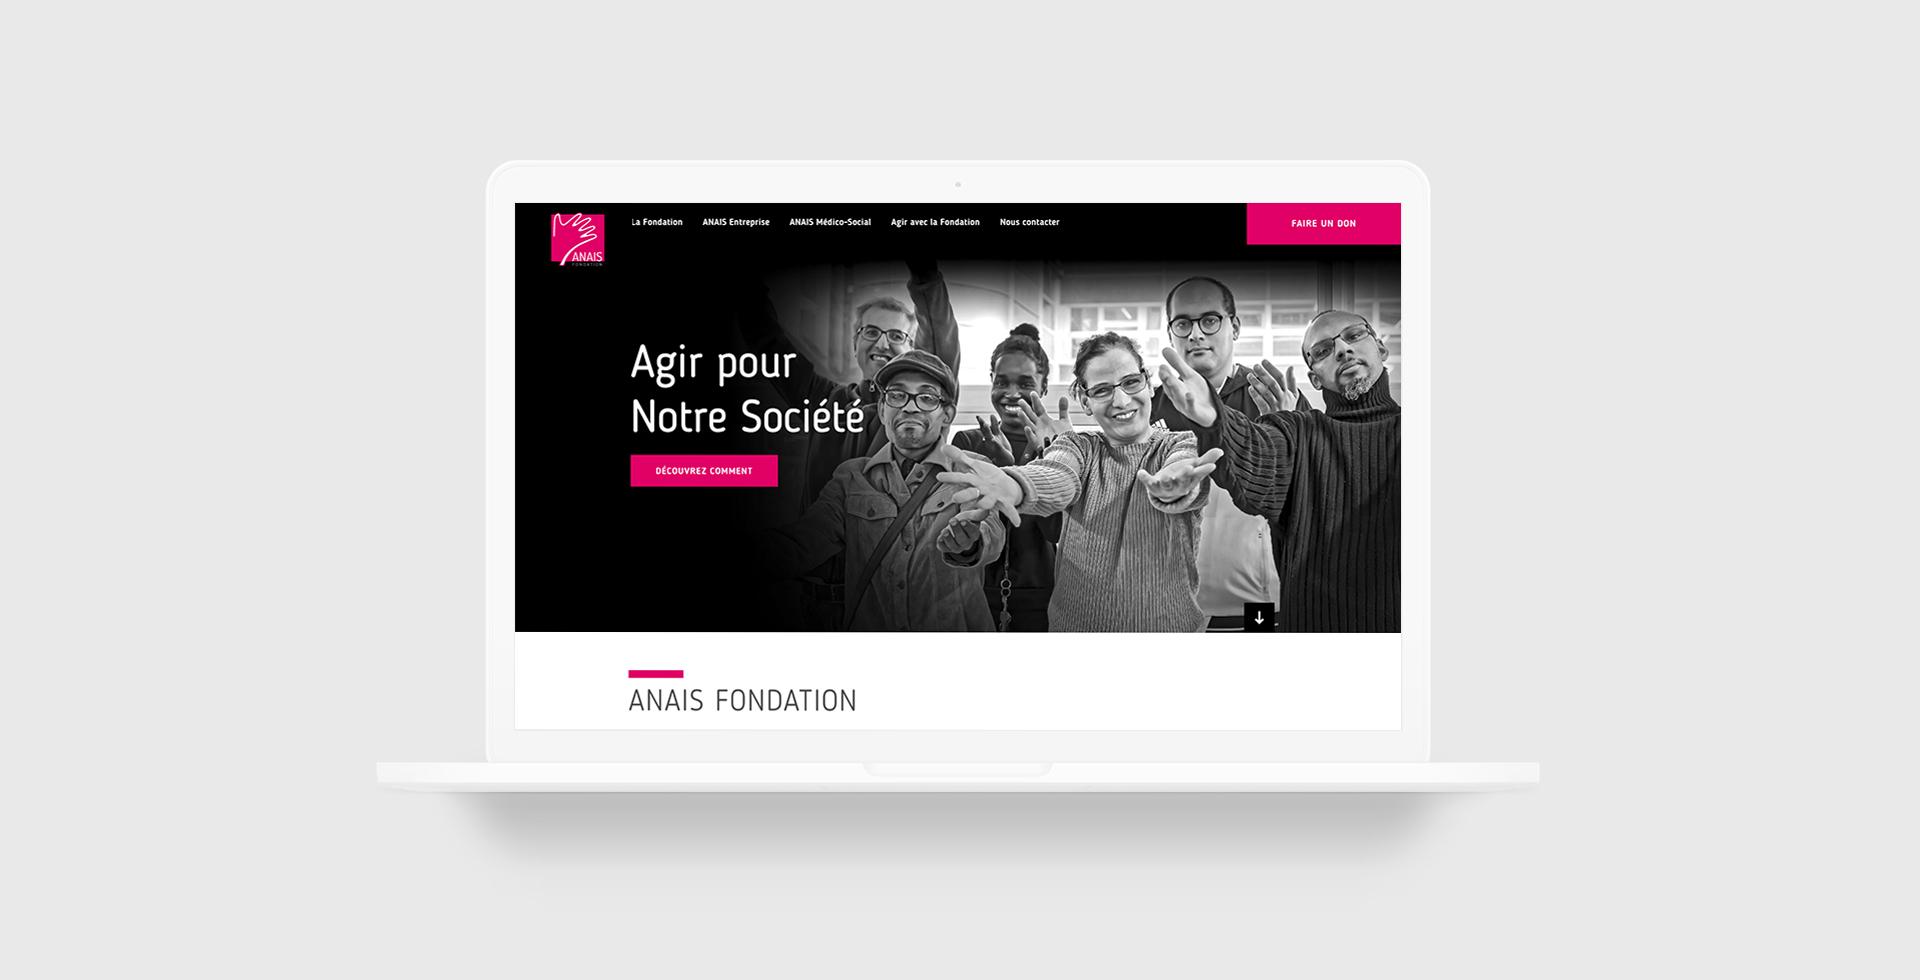 Développement du nouveau site web Fondation ANAIS par agence communication Buzznative Paris